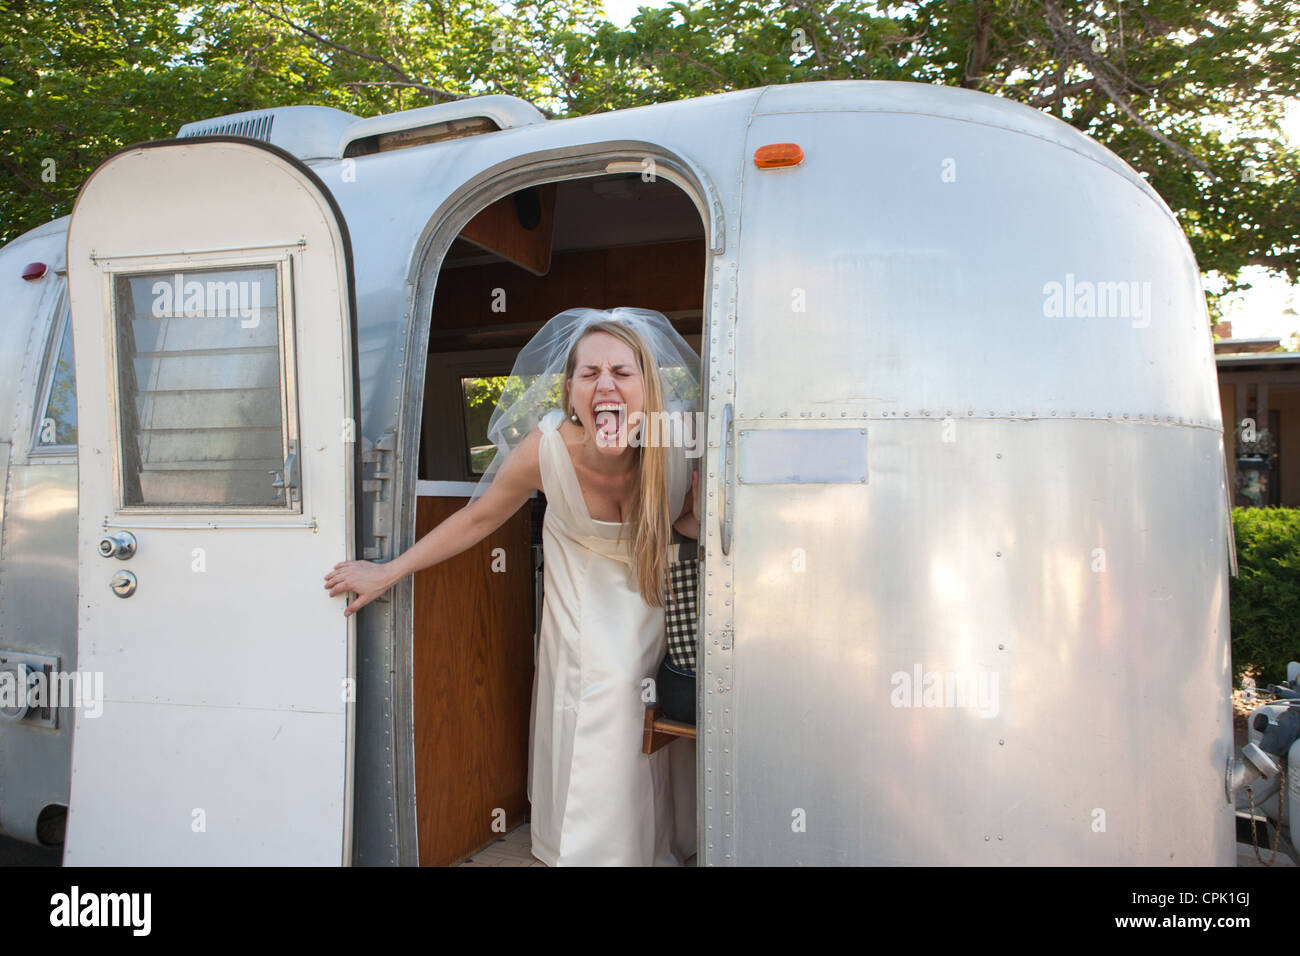 Mariée avec l'excitation de crier à l'intérieur d'une remorque Airstream. Banque D'Images